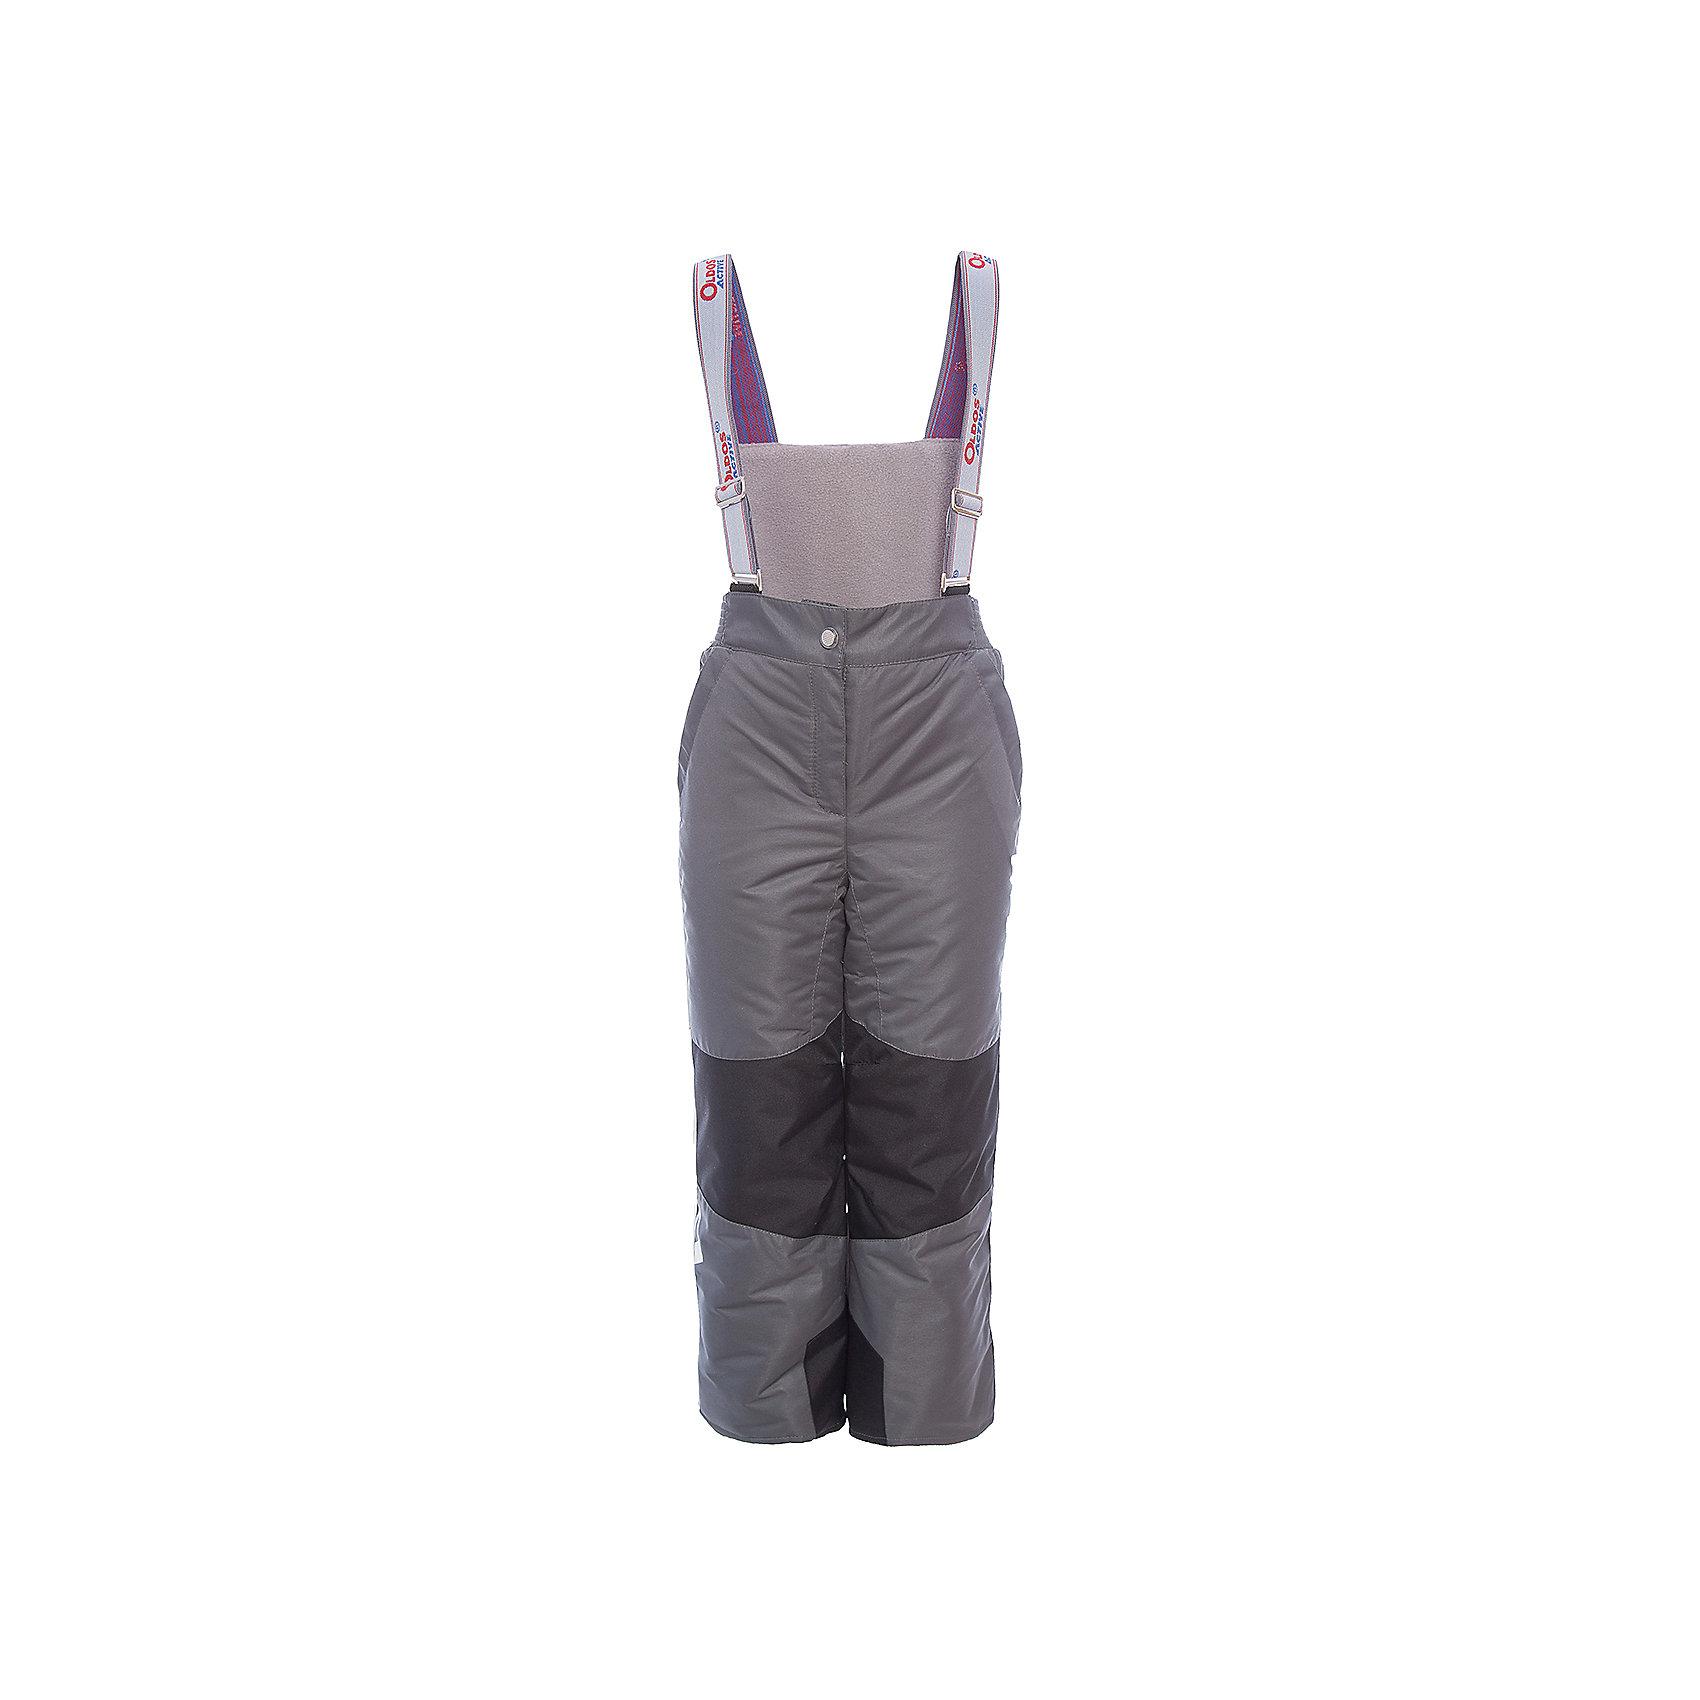 Брюки Эмма OLDOS для девочкиВерхняя одежда<br>Характеристики товара:<br><br>• цвет: серый<br>• состав ткани: полиэстер, Teflon<br>• подкладка: полиэстер<br>• утеплитель: Hollofan pro<br>• сезон: зима<br>• мембранное покрытие<br>• температурный режим: от -30 до +5<br>• водонепроницаемость: 5000 мм <br>• паропроницаемость: 5000 г/м2<br>• плотность утеплителя: 150 г/м2<br>• застежка: молния, кнопка, липучка<br>• спинка с лямками: съемные<br>• износостойкая ткань по низу брючин<br>• страна бренда: Россия<br>• страна изготовитель: Россия<br><br>Зимние брюки легко надеваются благодаря удобной застежке. Такие брюки для ребенка отлично защищают ребенка от попадания снега внутрь. Детские зимние брюки созданы с применением мембранной технологии, поэтому теплые брюки рассчитаны даже на очень холодную погоду и сильный ветер. <br><br>Брюки Эмма Oldos (Олдос) для девочки можно купить в нашем интернет-магазине.<br><br>Ширина мм: 215<br>Глубина мм: 88<br>Высота мм: 191<br>Вес г: 336<br>Цвет: серый<br>Возраст от месяцев: 132<br>Возраст до месяцев: 144<br>Пол: Женский<br>Возраст: Детский<br>Размер: 152,92,98,104,110,116,122,128,134,140,146<br>SKU: 7015867